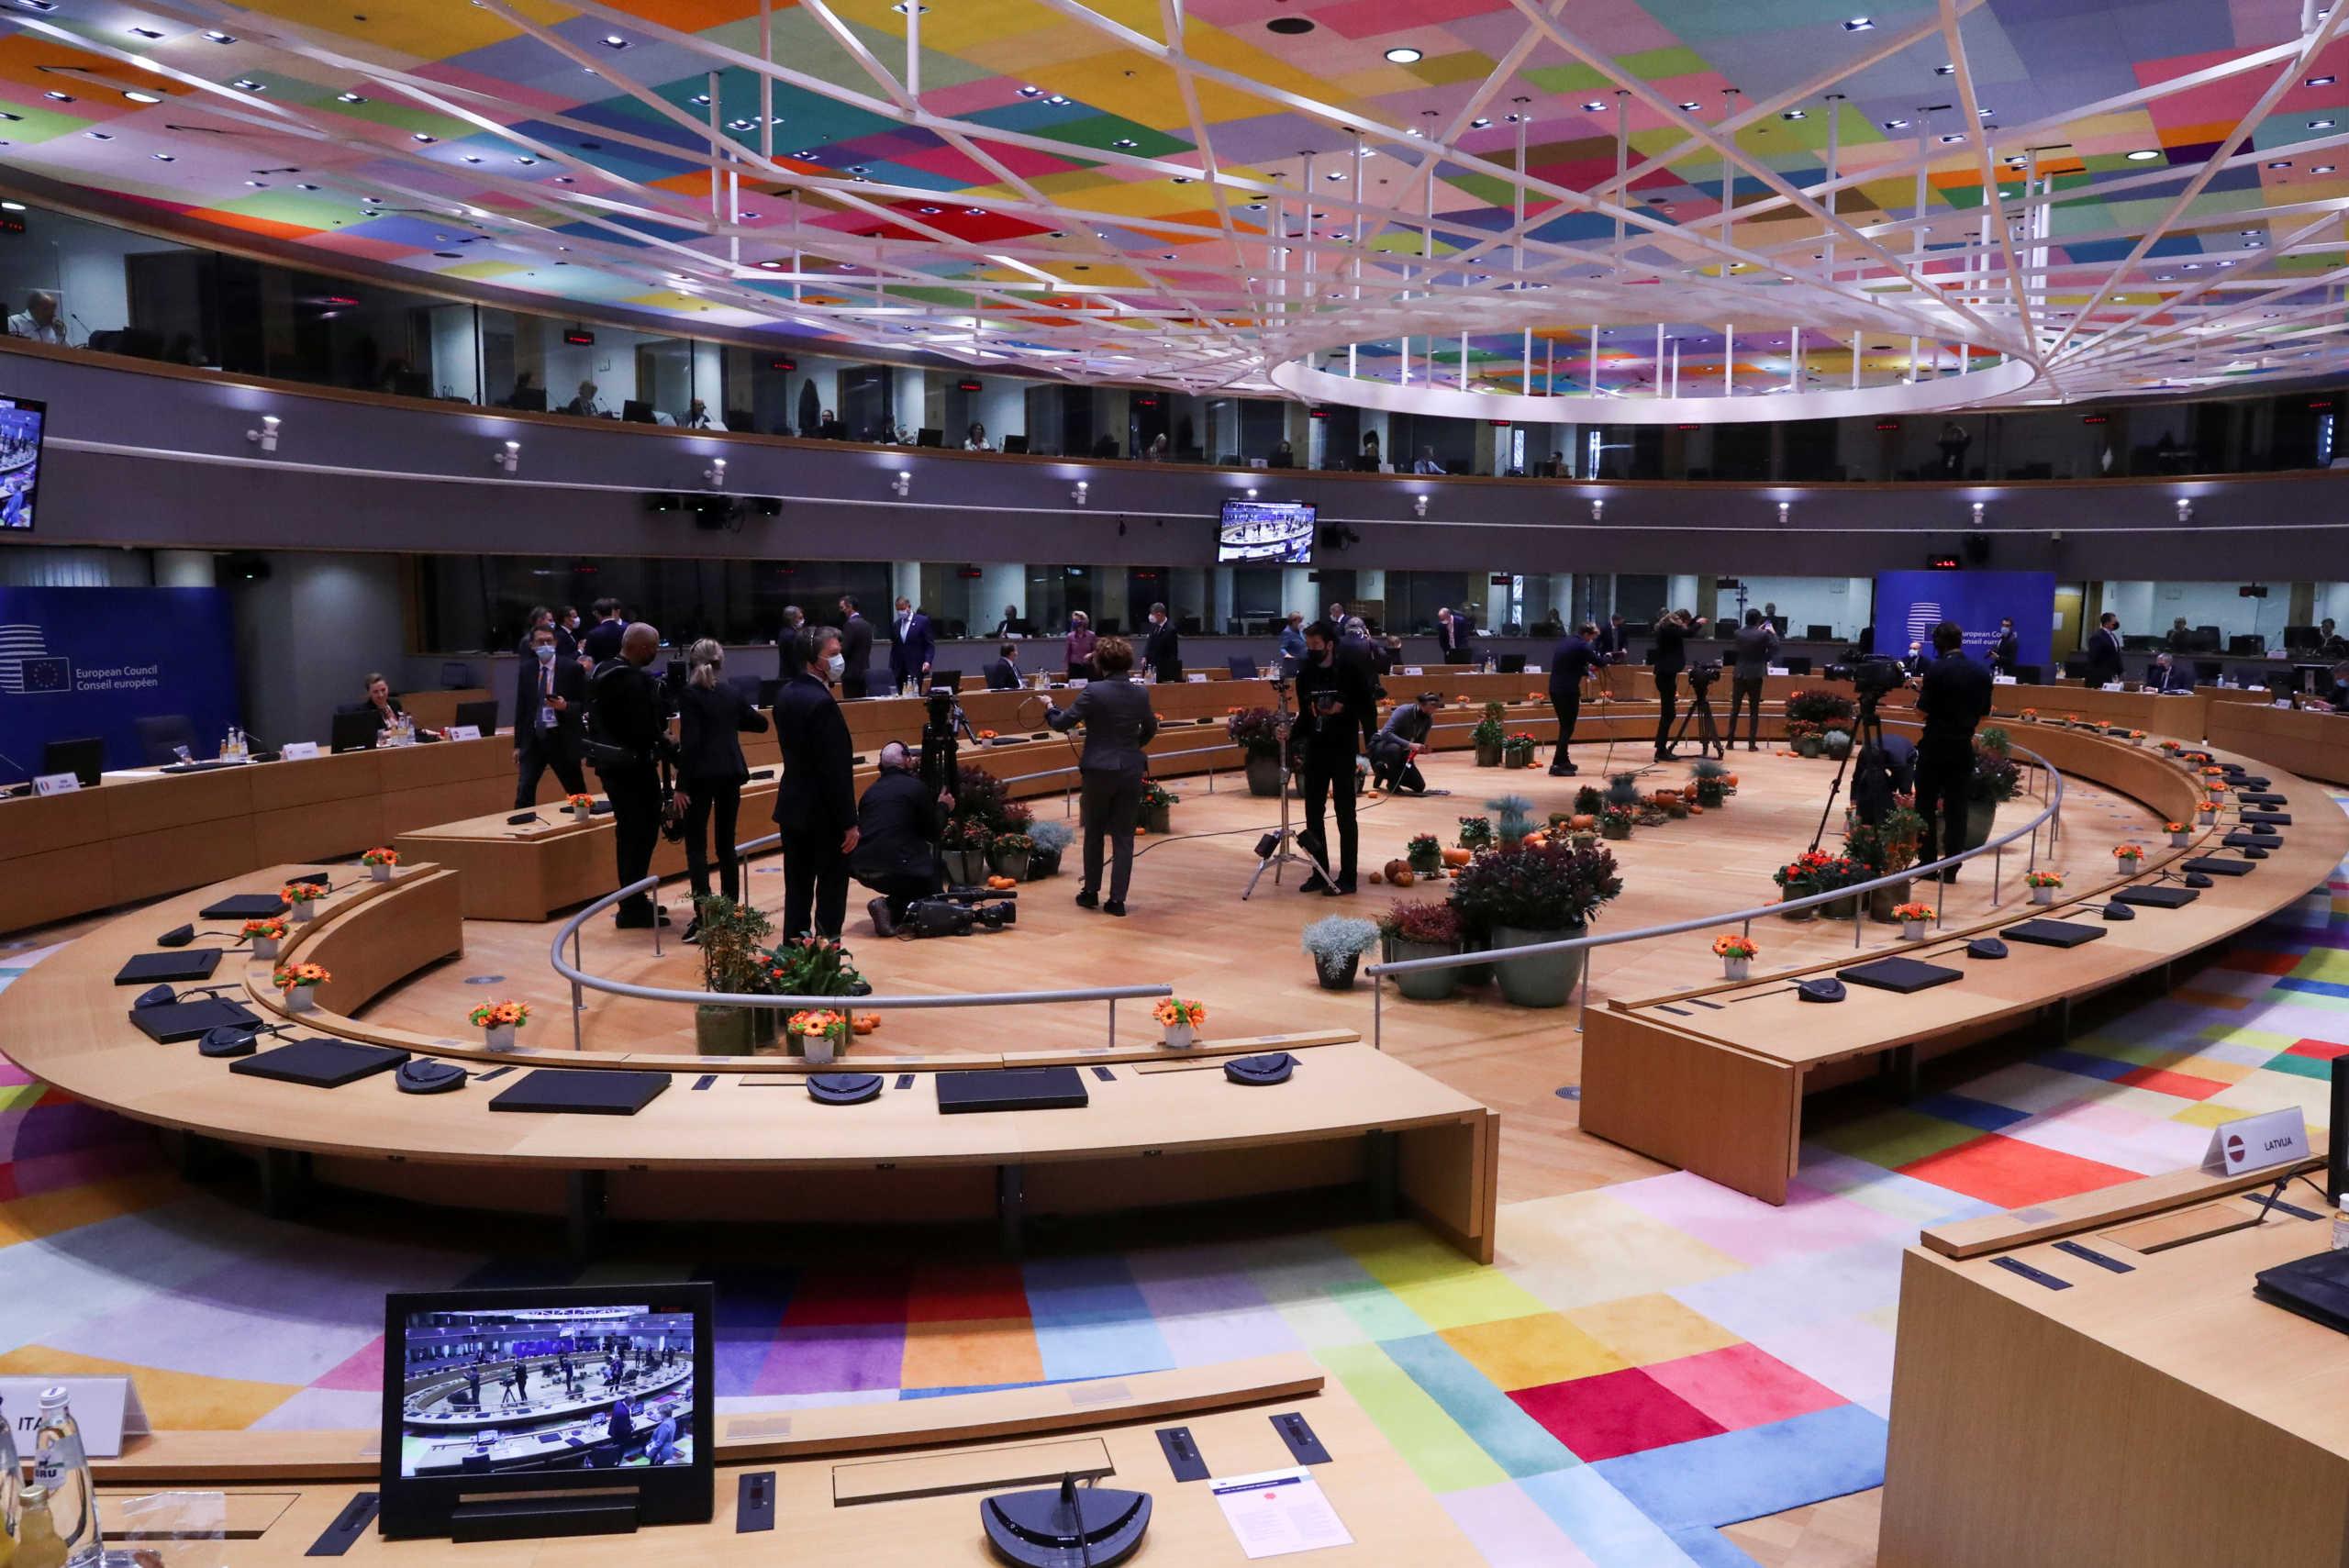 Σύνοδος Κορυφής: Οι ηγέτες παρέδωσαν κινητά και τάμπλετ – Φόβοι για παρακολούθηση της ΜI6